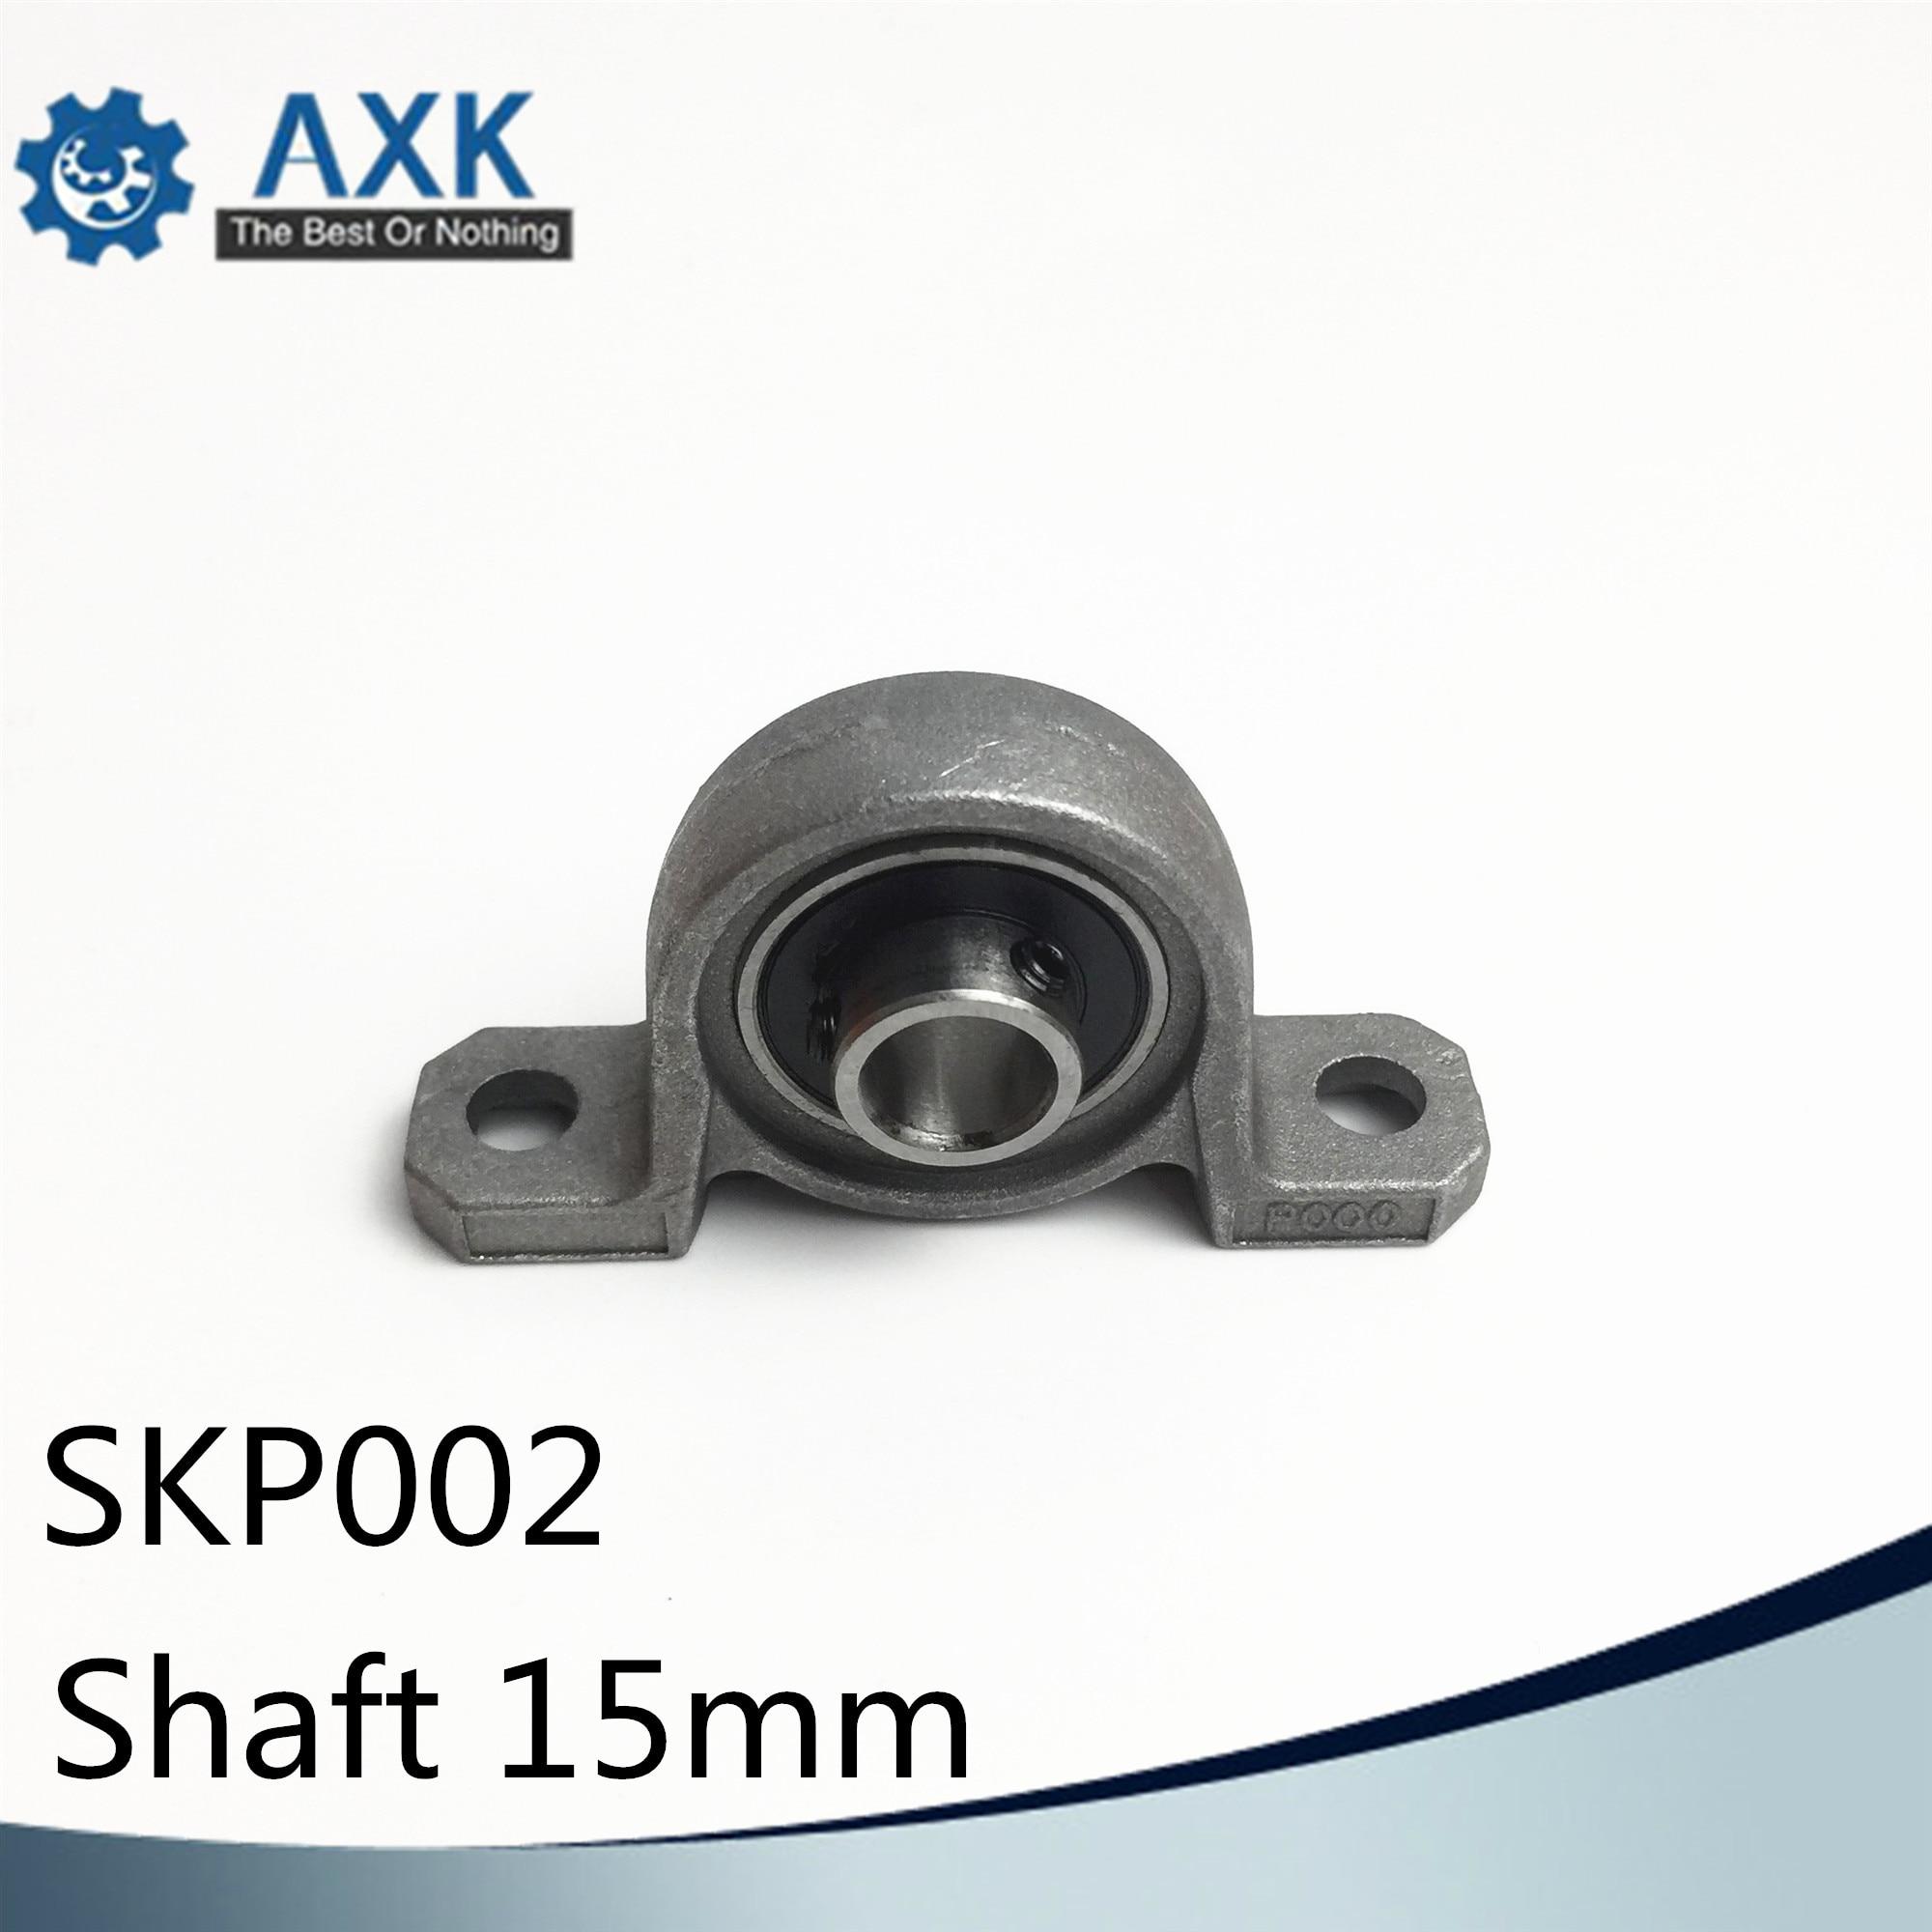 SKP002 تحمل رمح 15 مللي متر (1 قطعة) SSKP002 الفولاذ المقاوم للصدأ وسادة كتلة S KP002 15 مللي متر BearingsAB